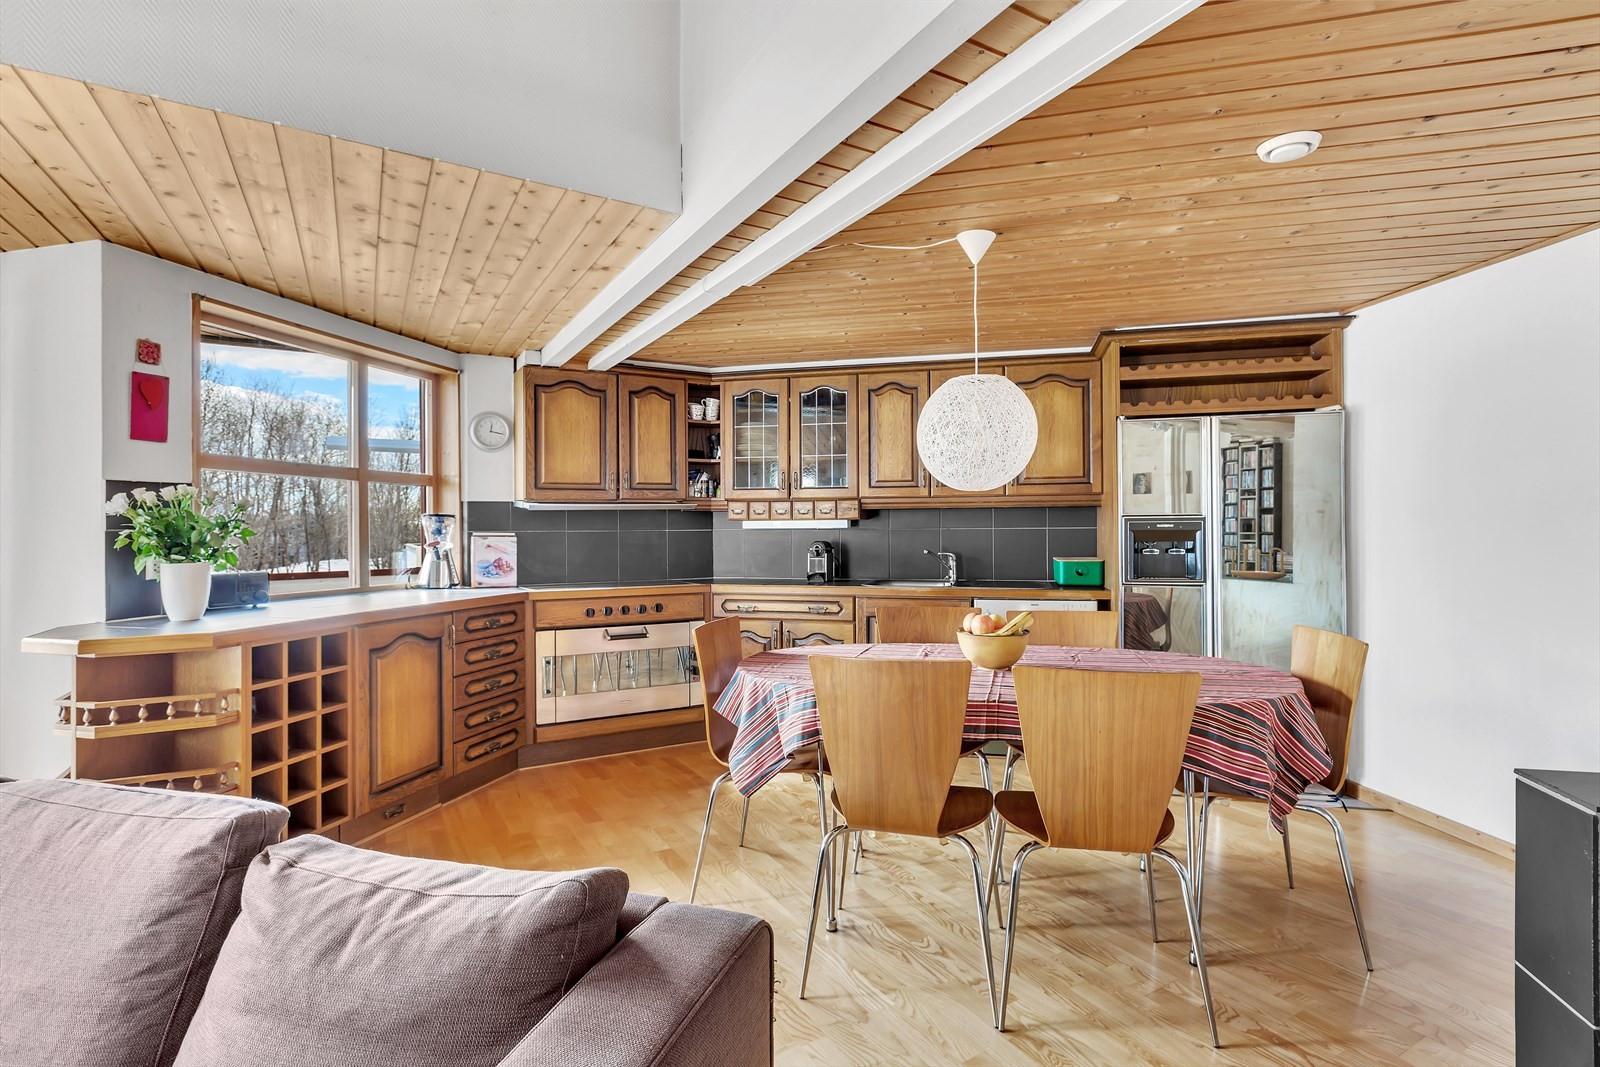 Flott og romslig heltre kjøkken med sjarm. Godt med skapplass, benkeplass samt vindu med utsikt og lysforhold.